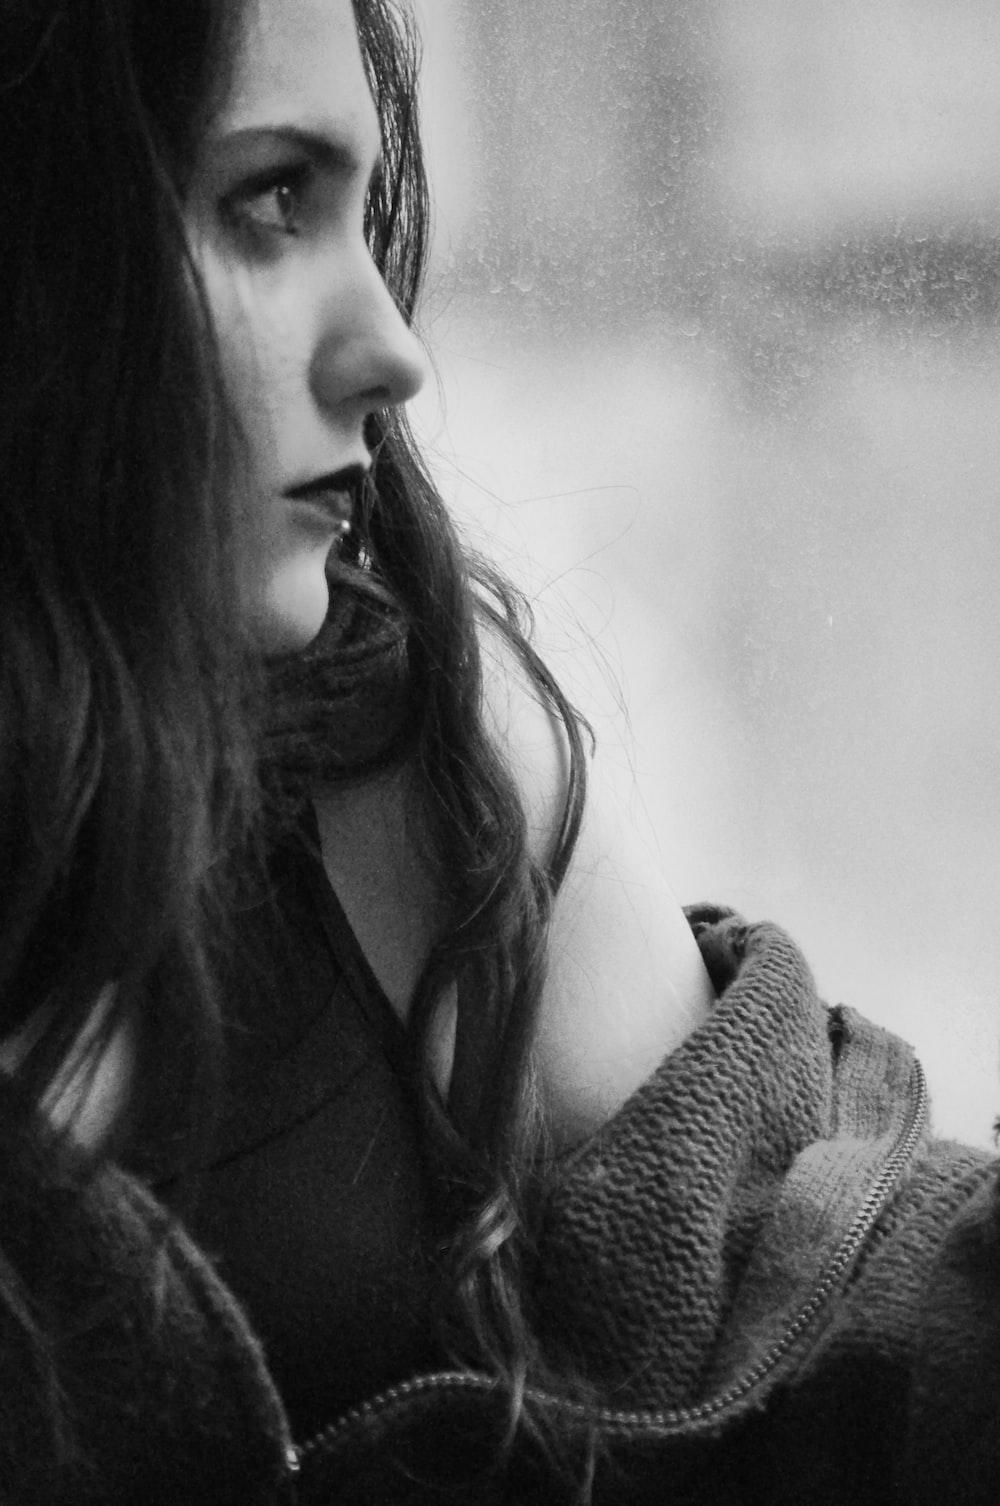 fotografi grayscale dari wanita yang melihat ke atas dekat jendela